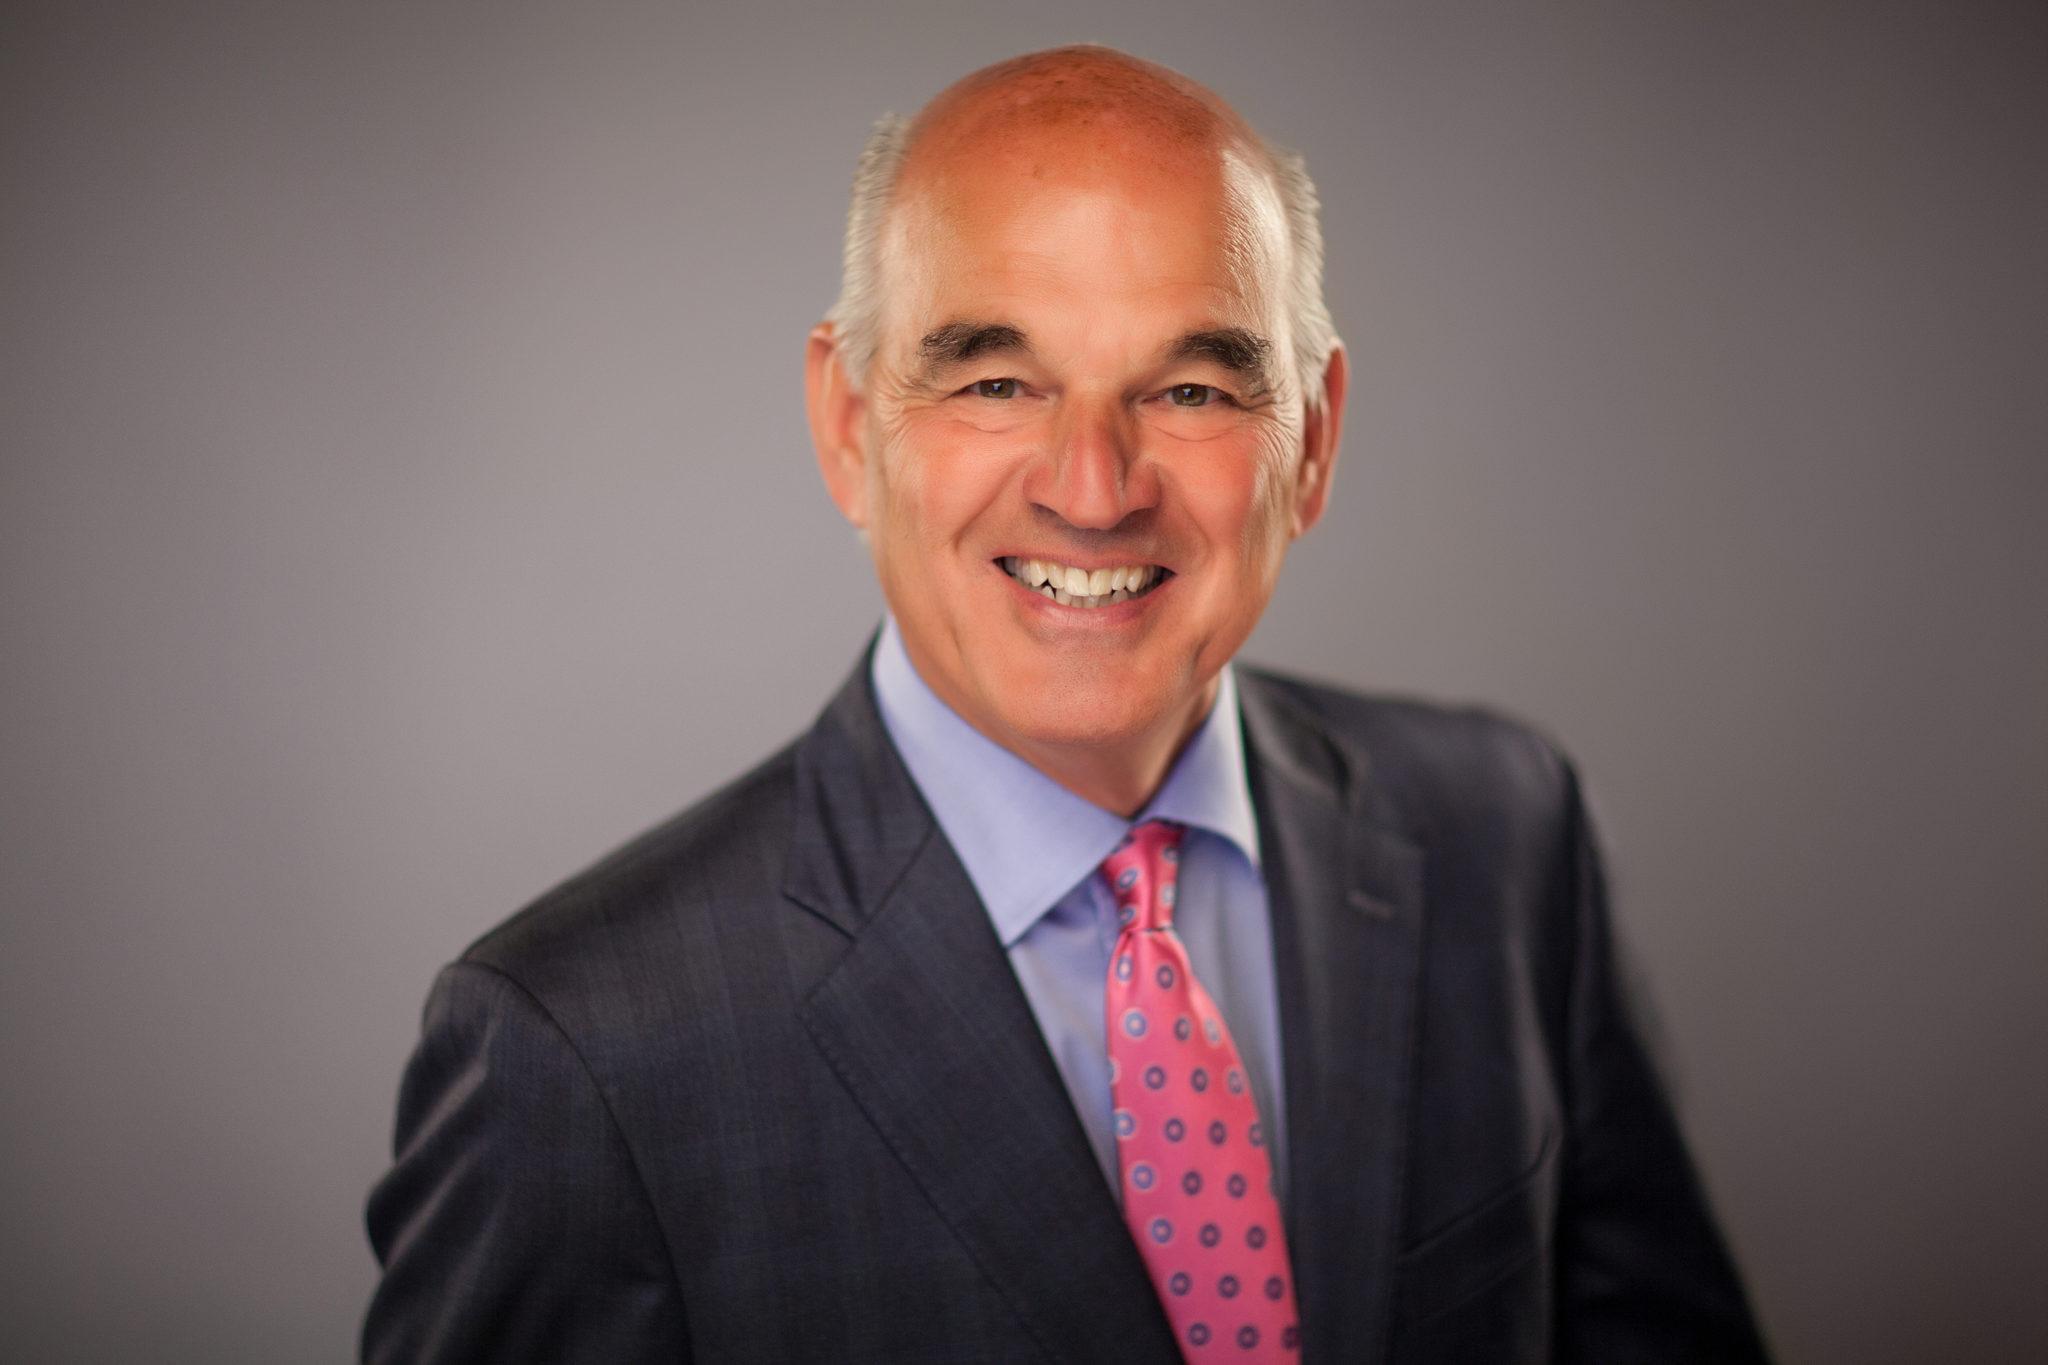 President of Vetter Health Services, Glenn Van Ekeren